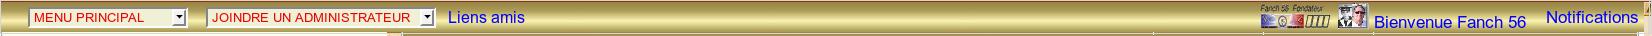 Curiosité : qu'avez-vous fais de votre toolbar ? - Page 2 Captur96